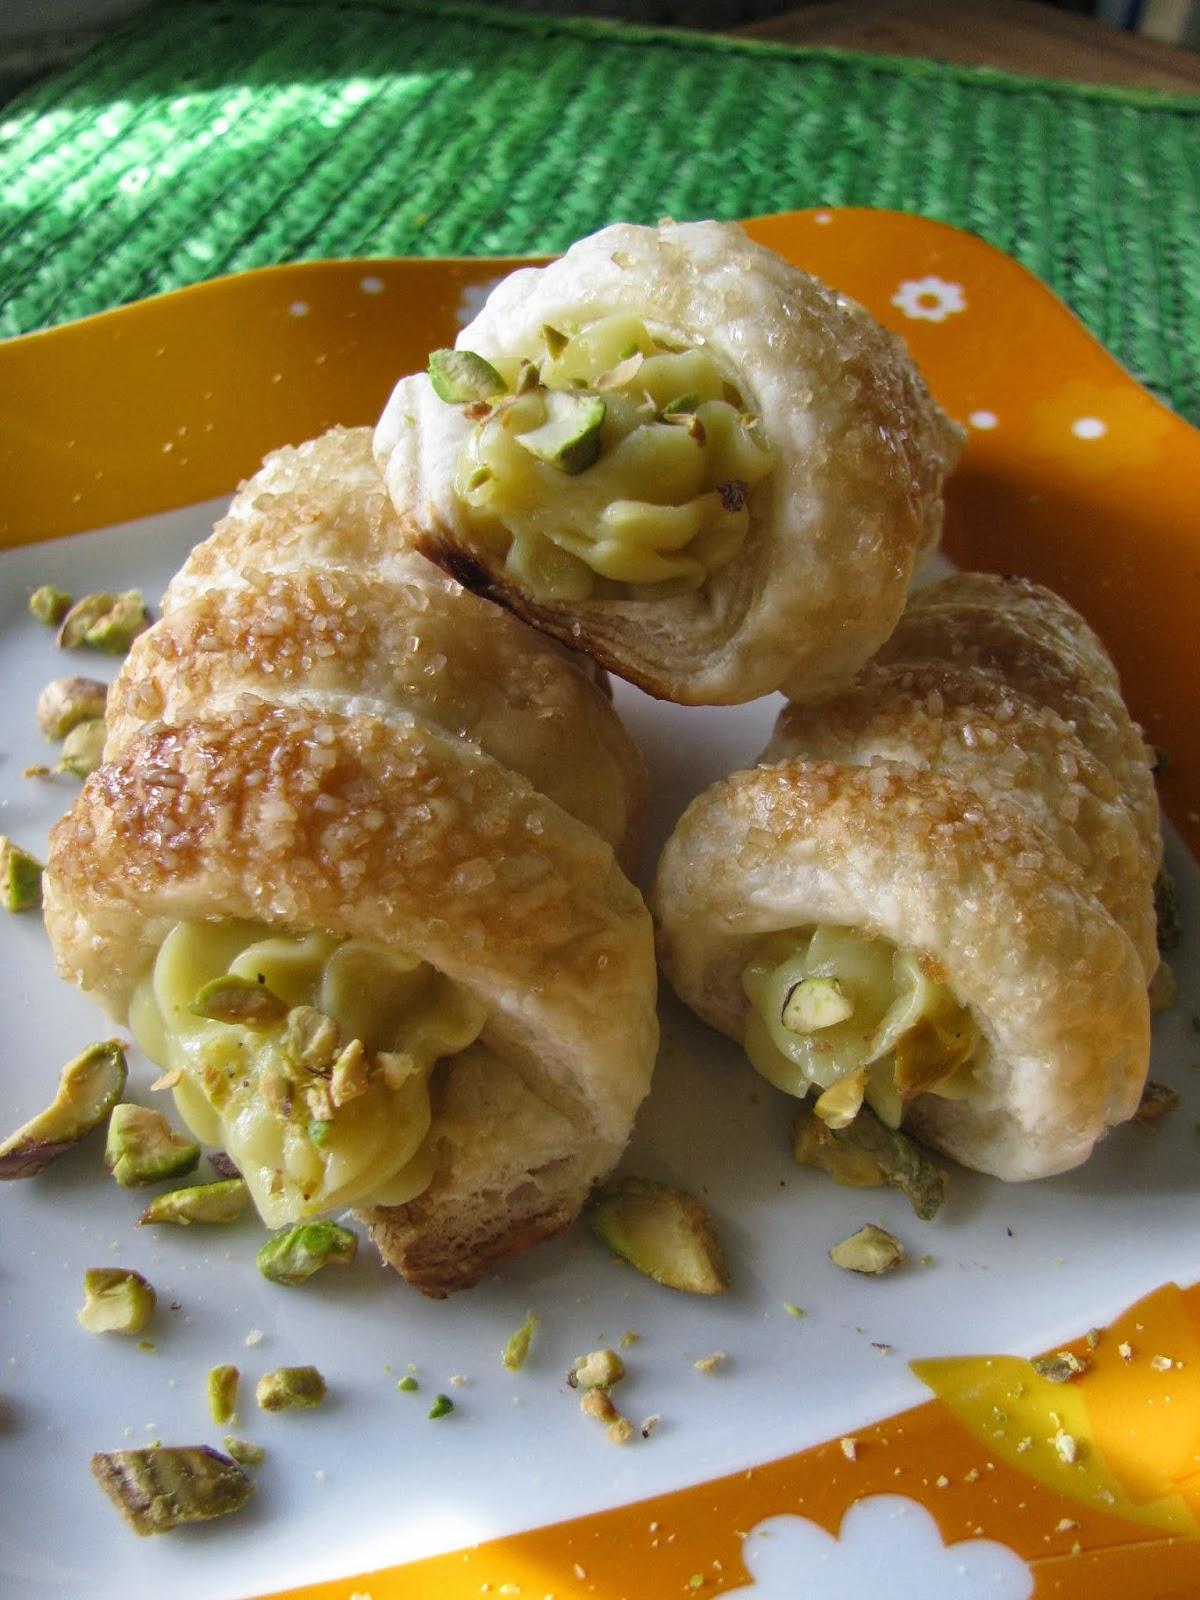 cannoli con crema pasticcera al pistacchio